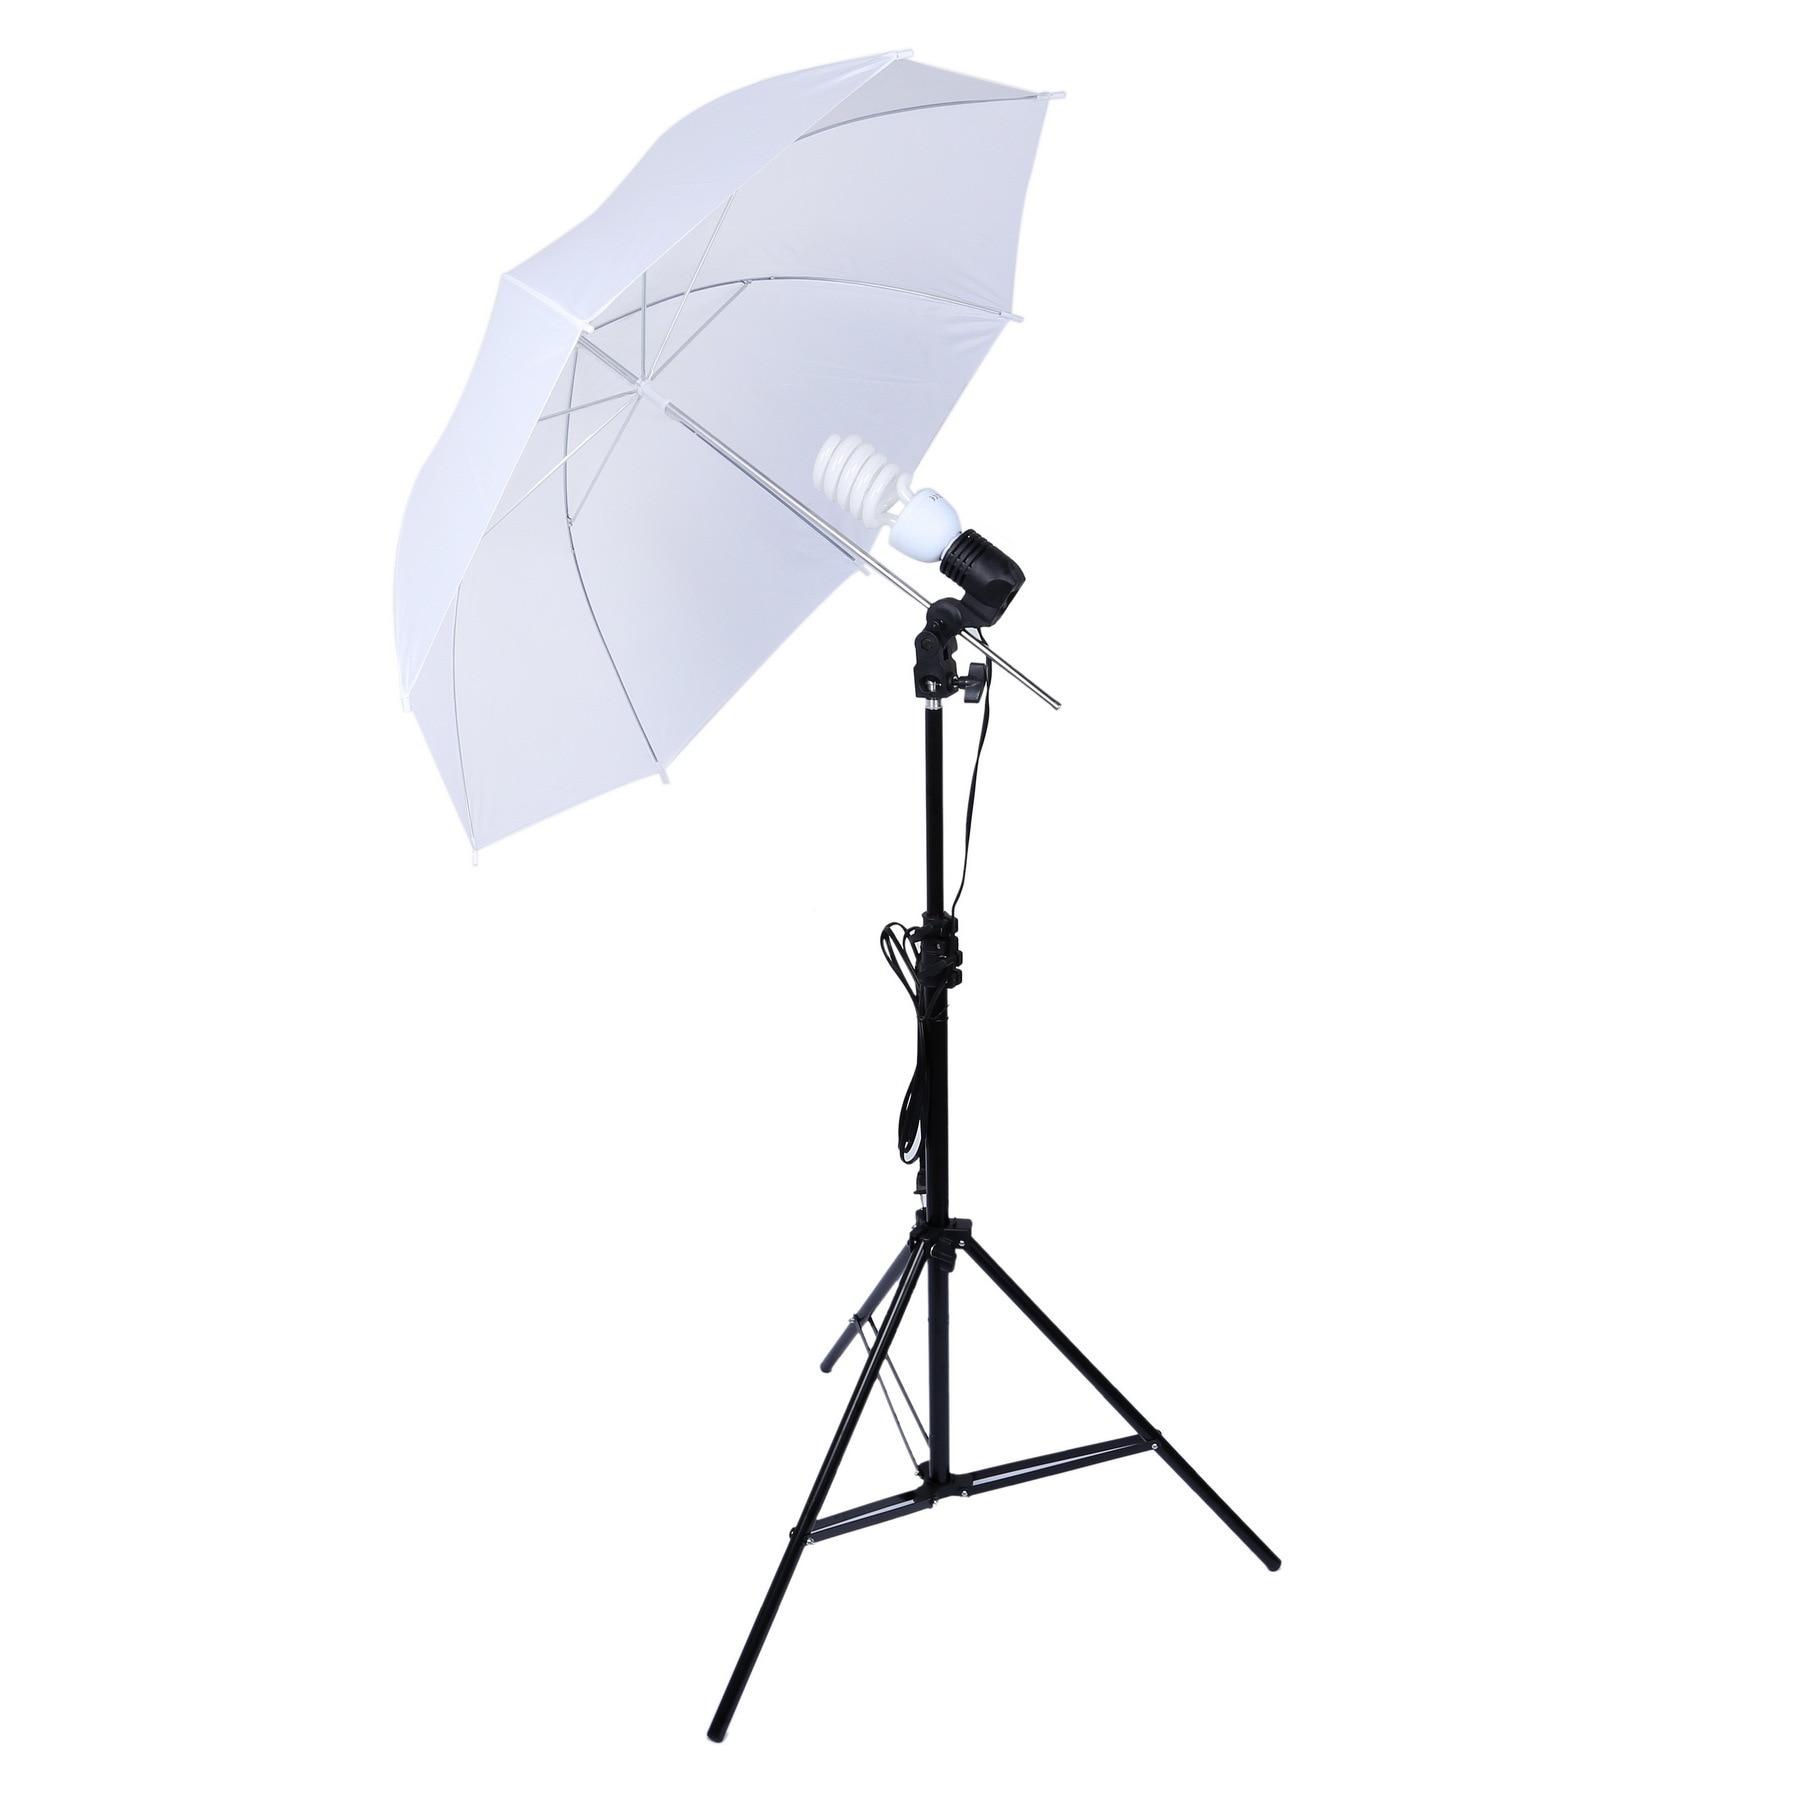 Photographie Studio Kit lampe 33 pouces lumière douce porte-parapluie unique lampe tête 45 W ampoule Photo accessoires